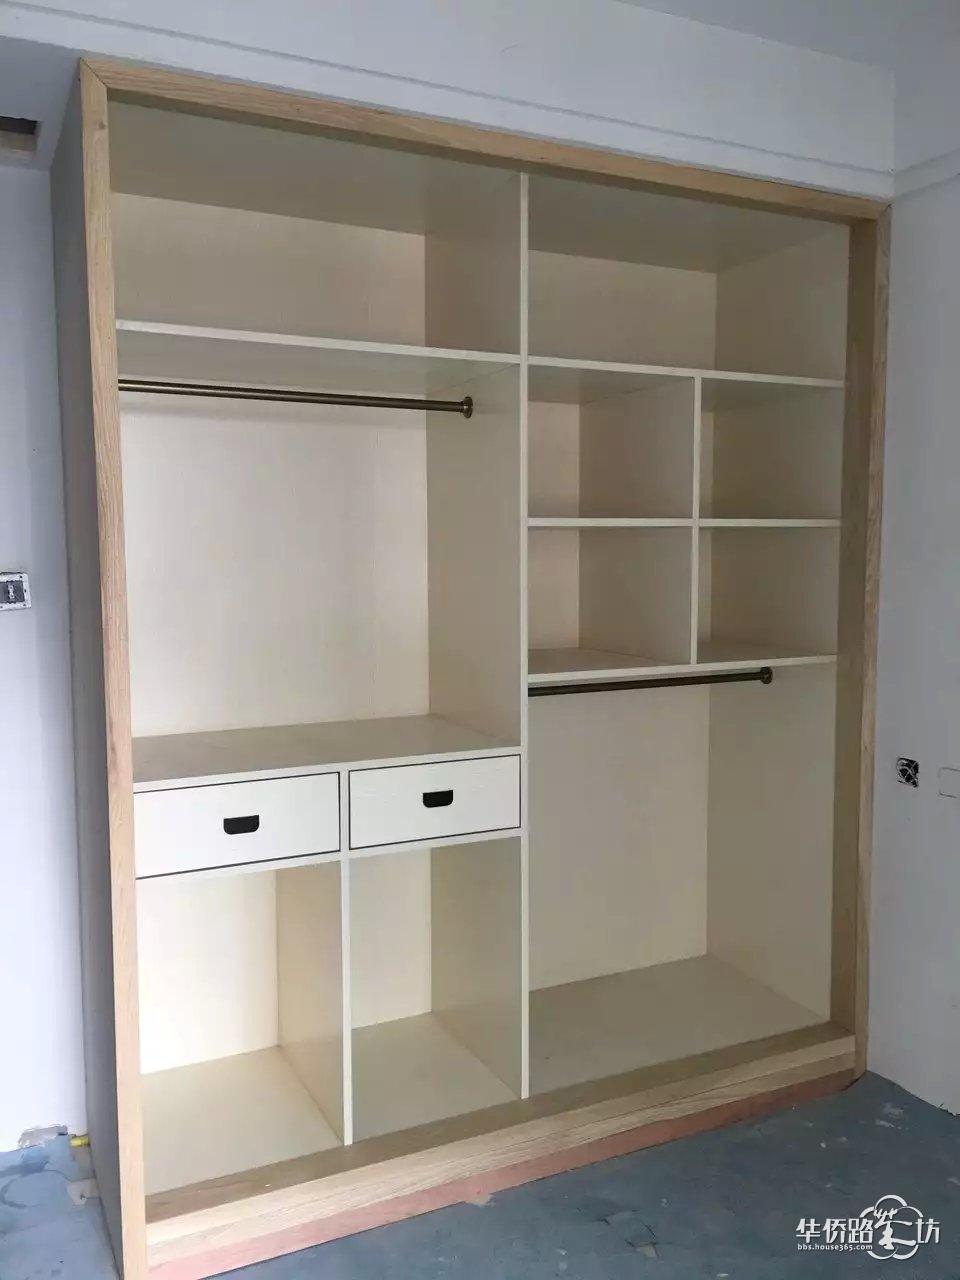 丁家庄木工现场制作衣柜